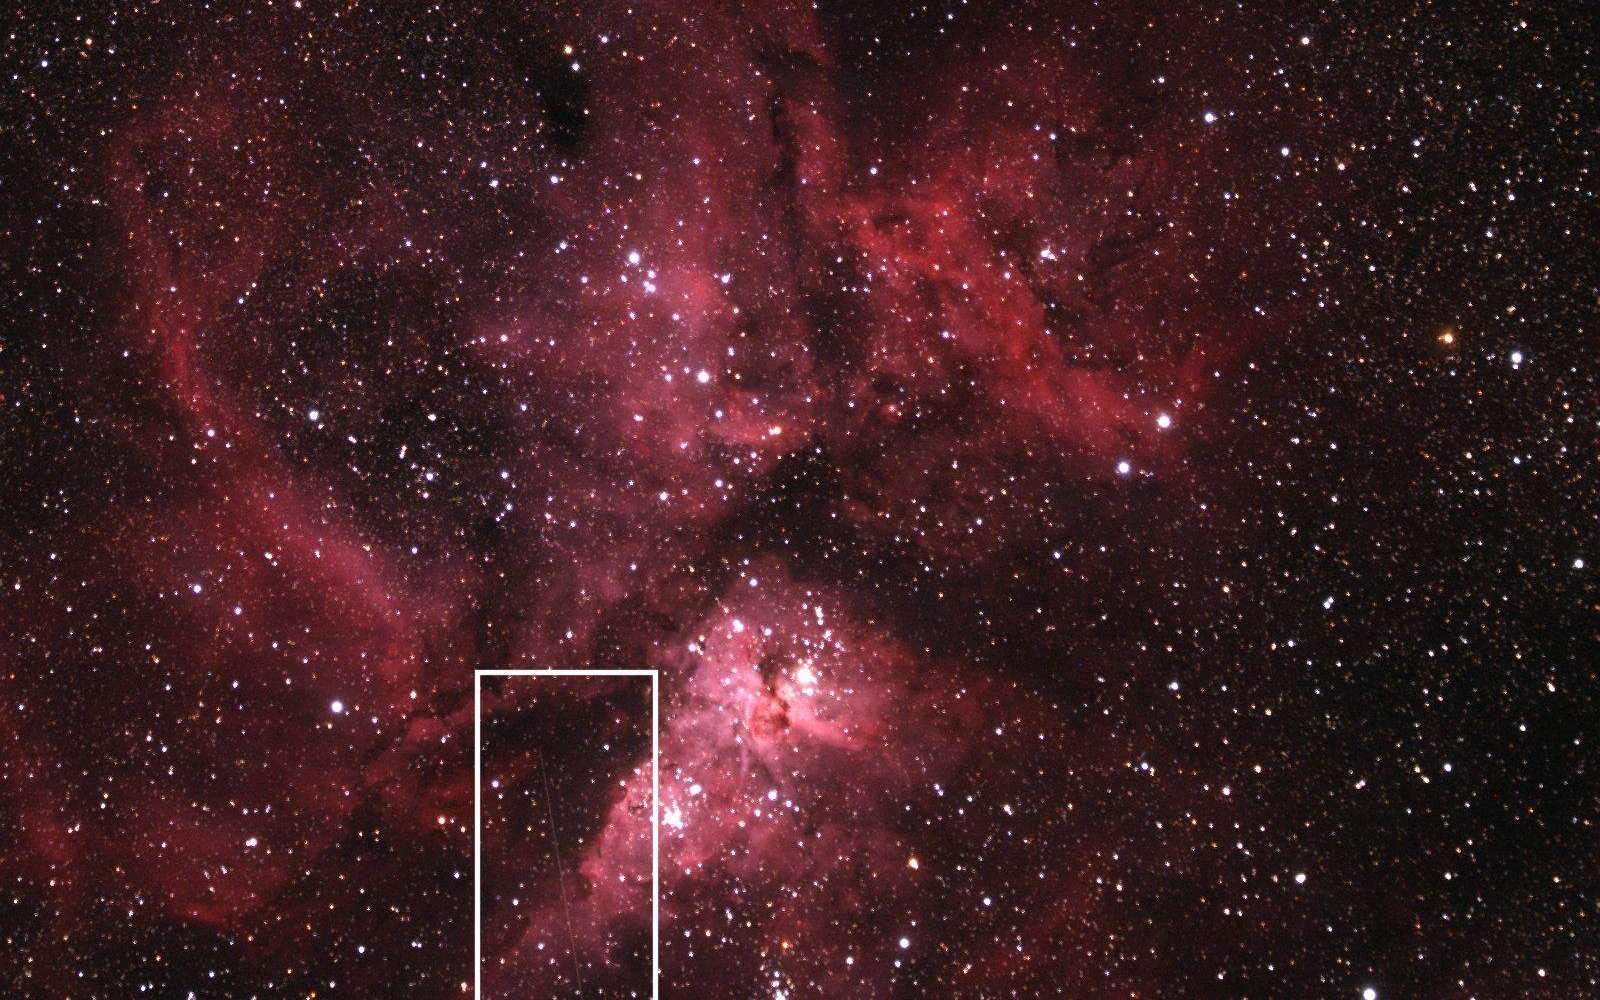 Depuis l'observatoire australien de Siding Spring, un télescope automatique a enregistré la trace du passage de l'astéroïde 2012 DA 14 dans le champ de la nébuleuse qui entoure l'étoile Eta Carinae. © Nasa, MSFC, Aaron Kingery